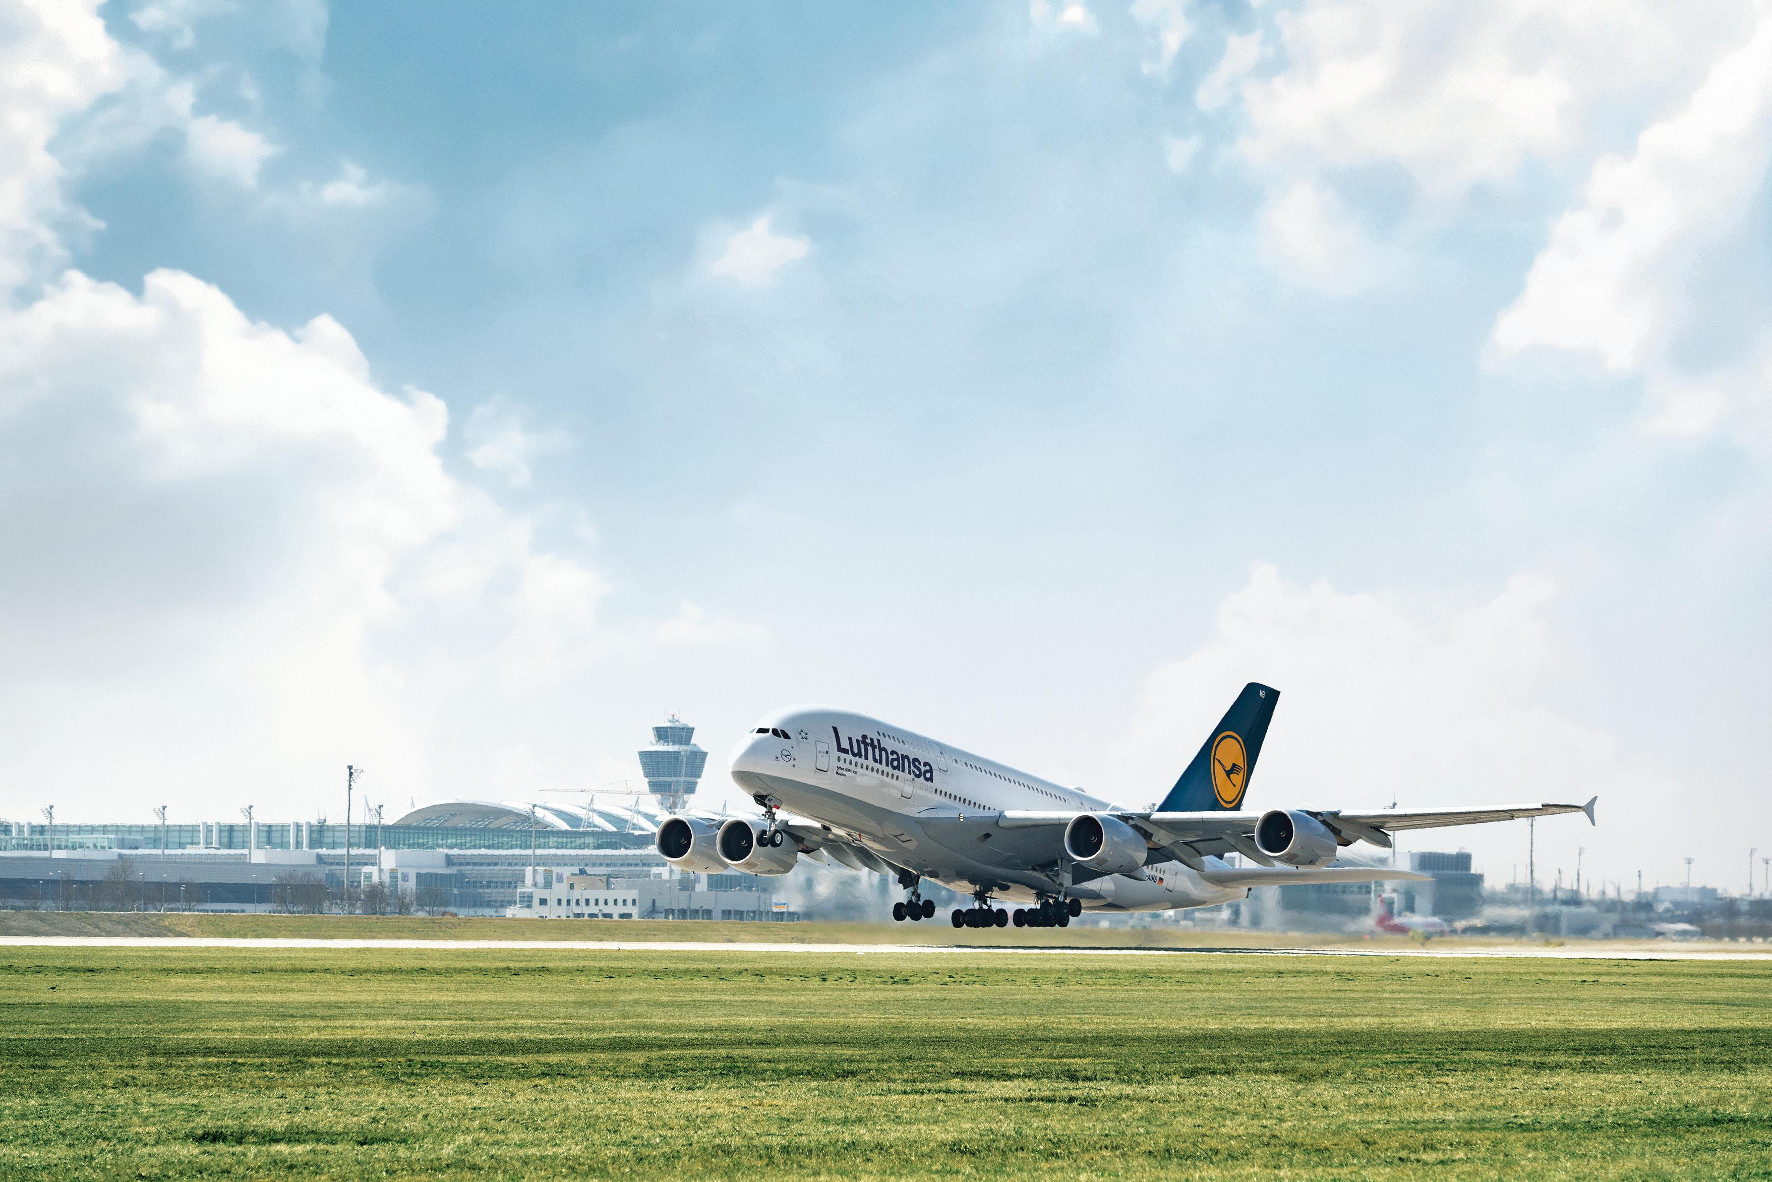 Umfrage: Wollen die Deutschen für die Umwelt aufs Fliegen verzichten?